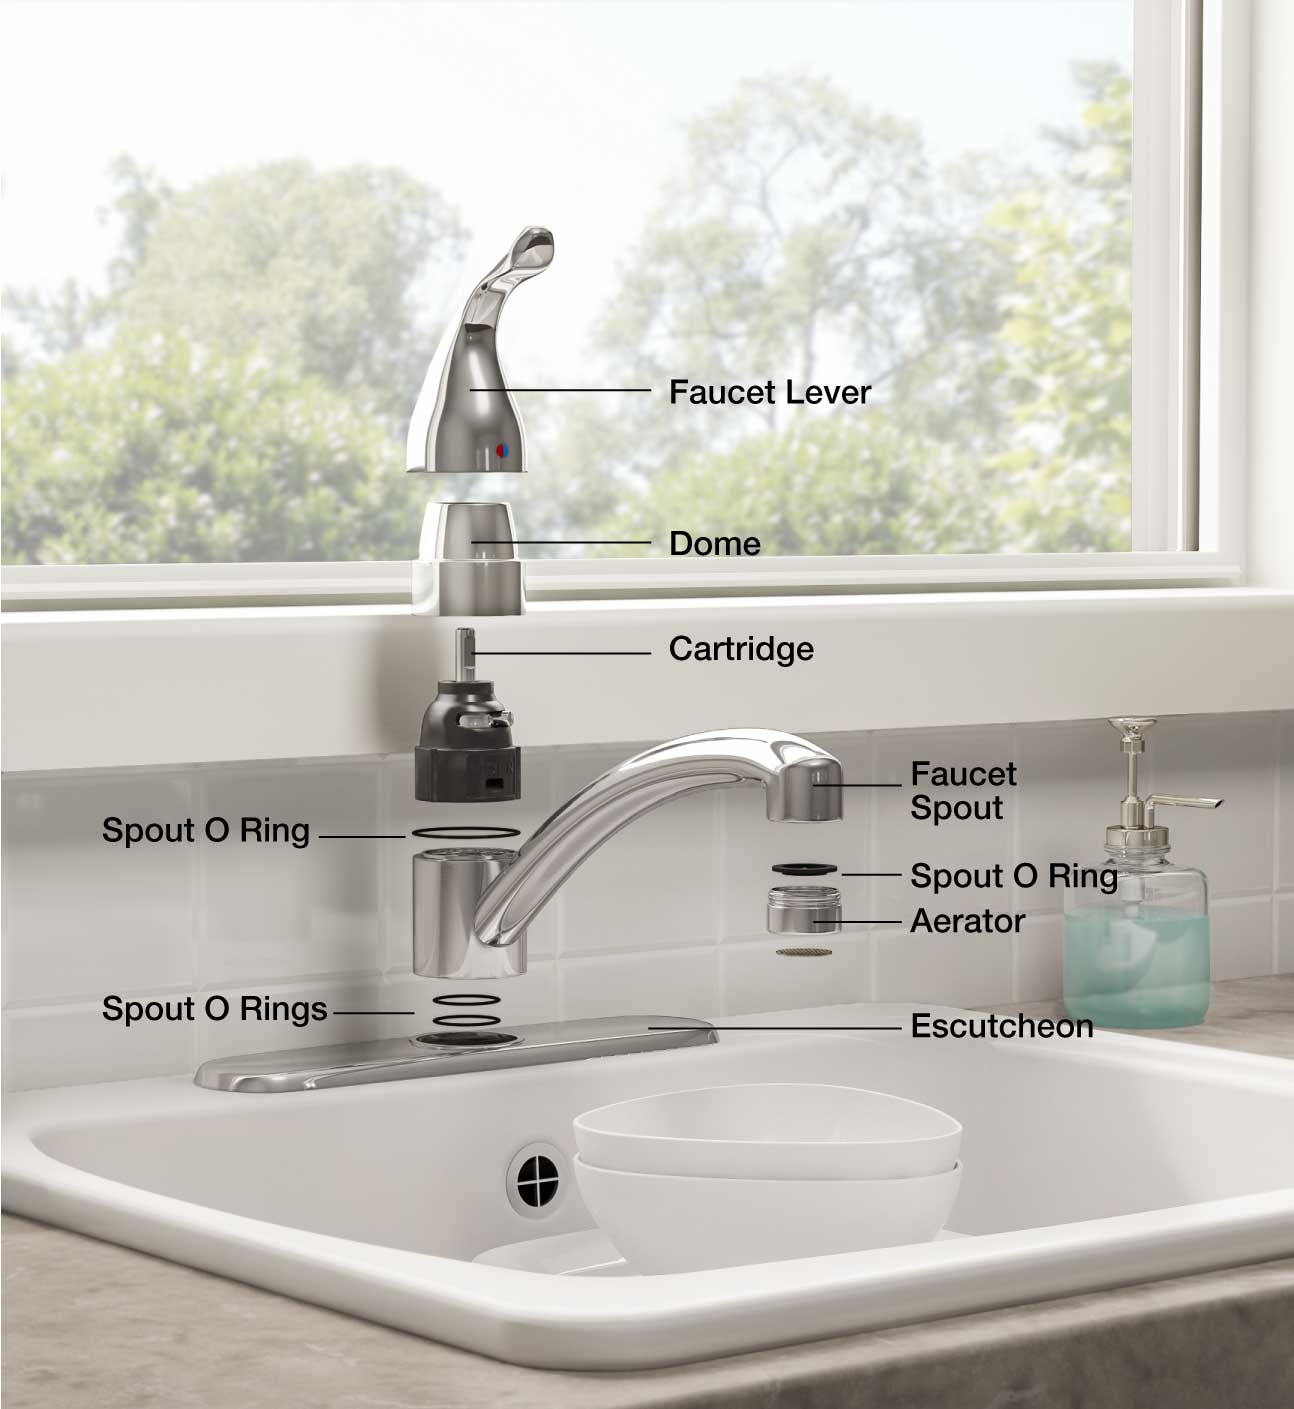 Faucet Parts Amp Repair Kits Handles Controls Amp Caps